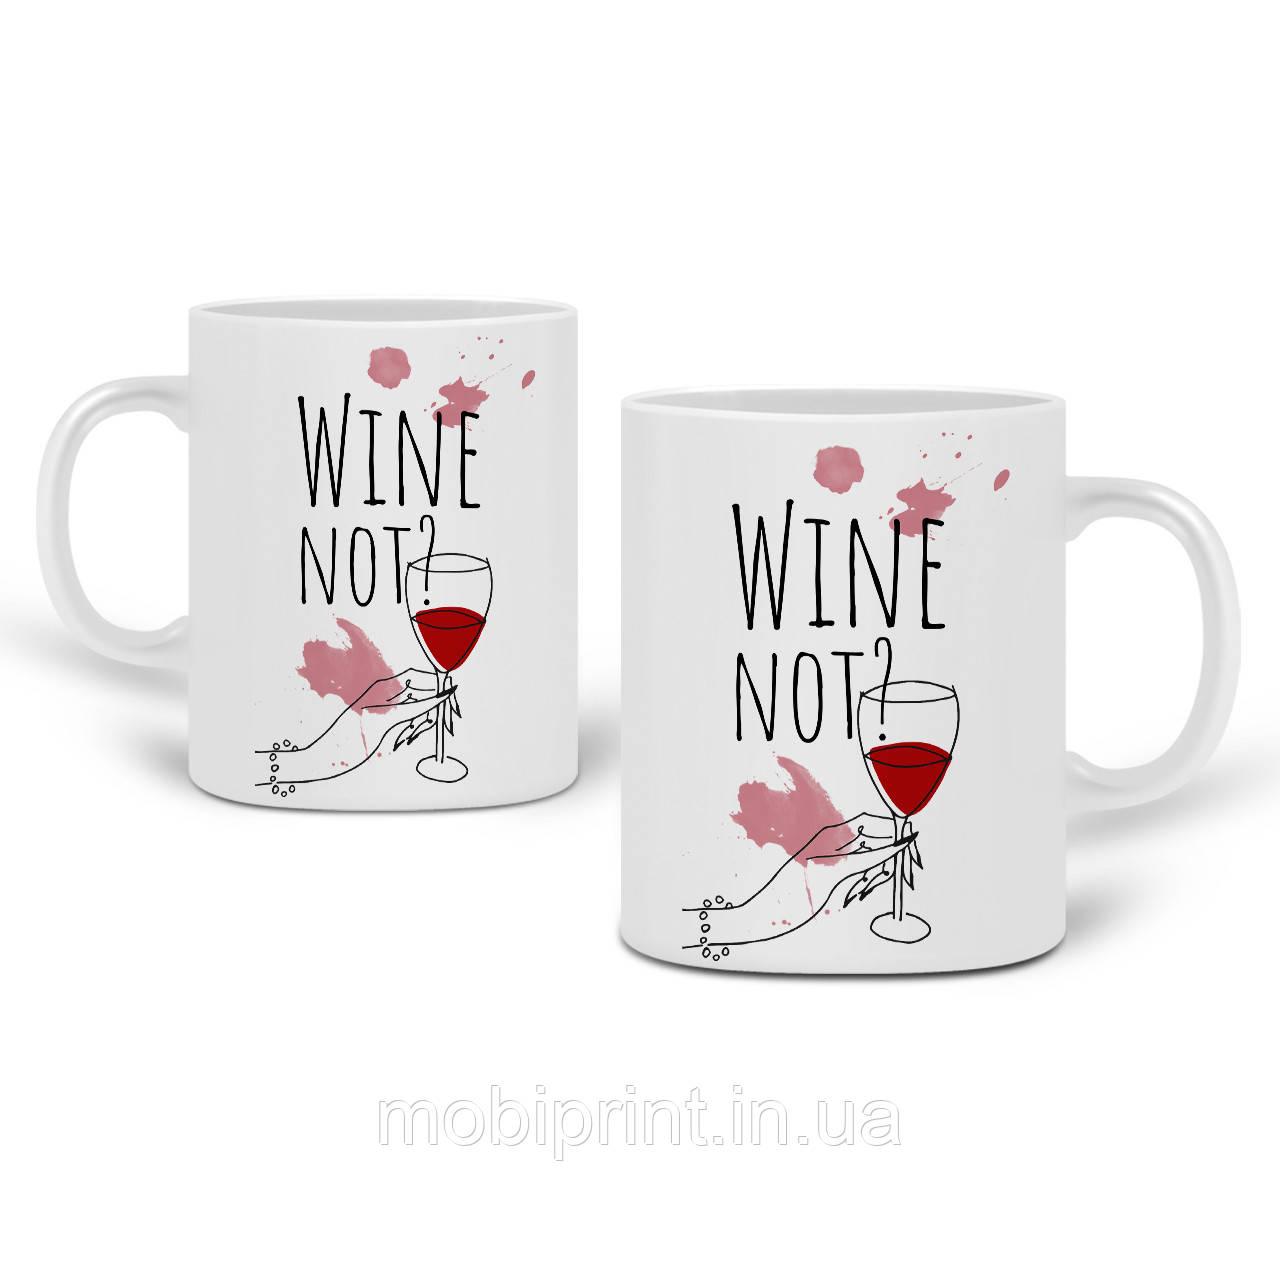 Кружка Вино (Wine not?) 330 мл Чашка Керамічна (20259-2615)